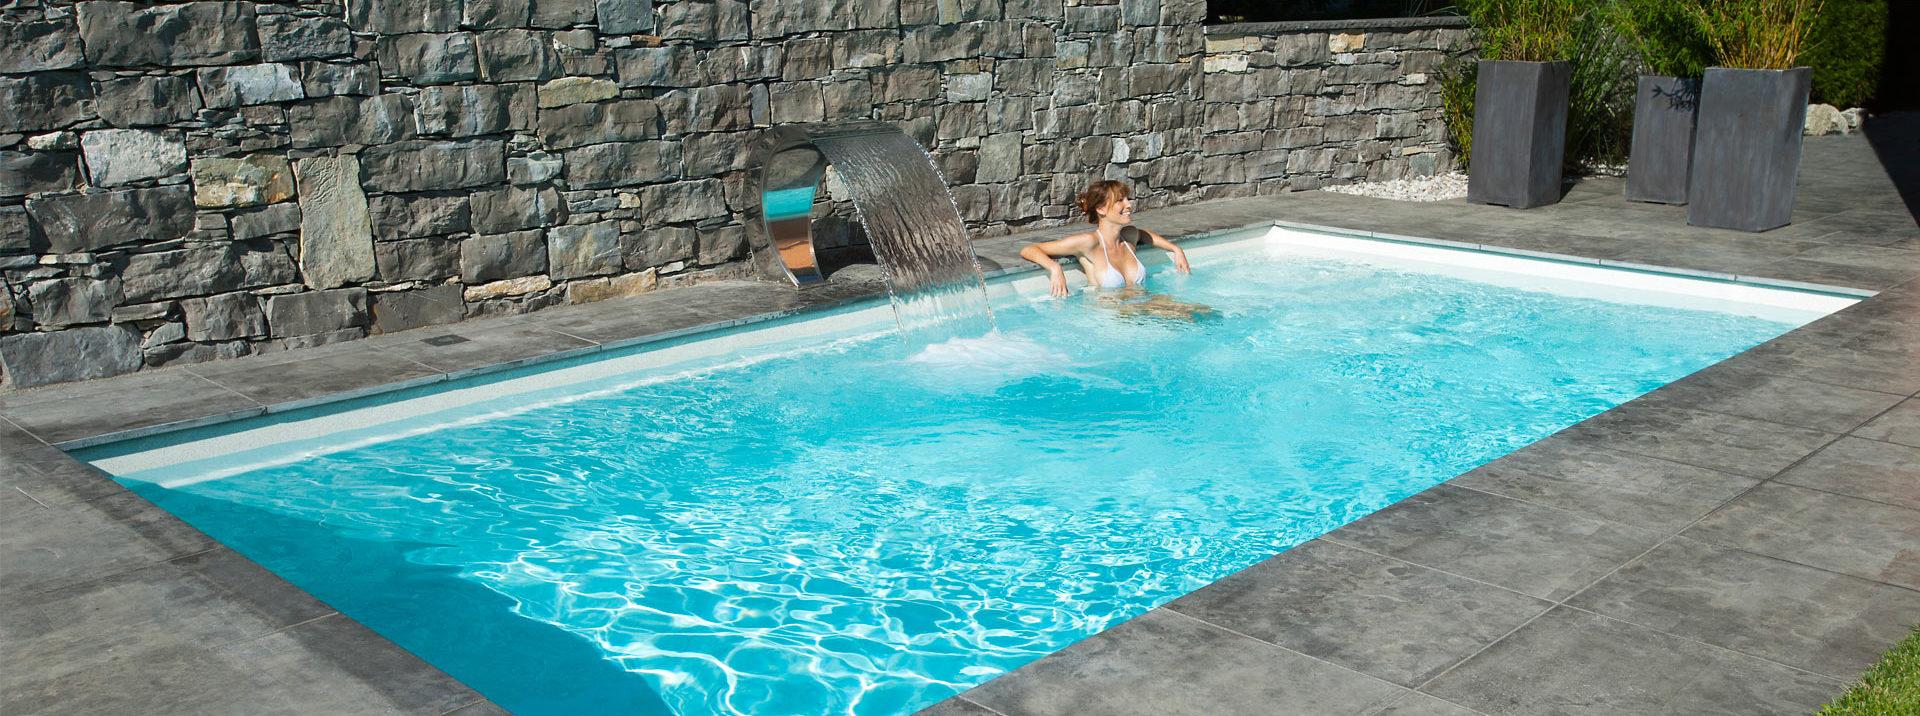 Monoblocchi regolari archivi realizzazione piscine verona piscine interrate piscine fuori - Piscine vetroresina interrate ...